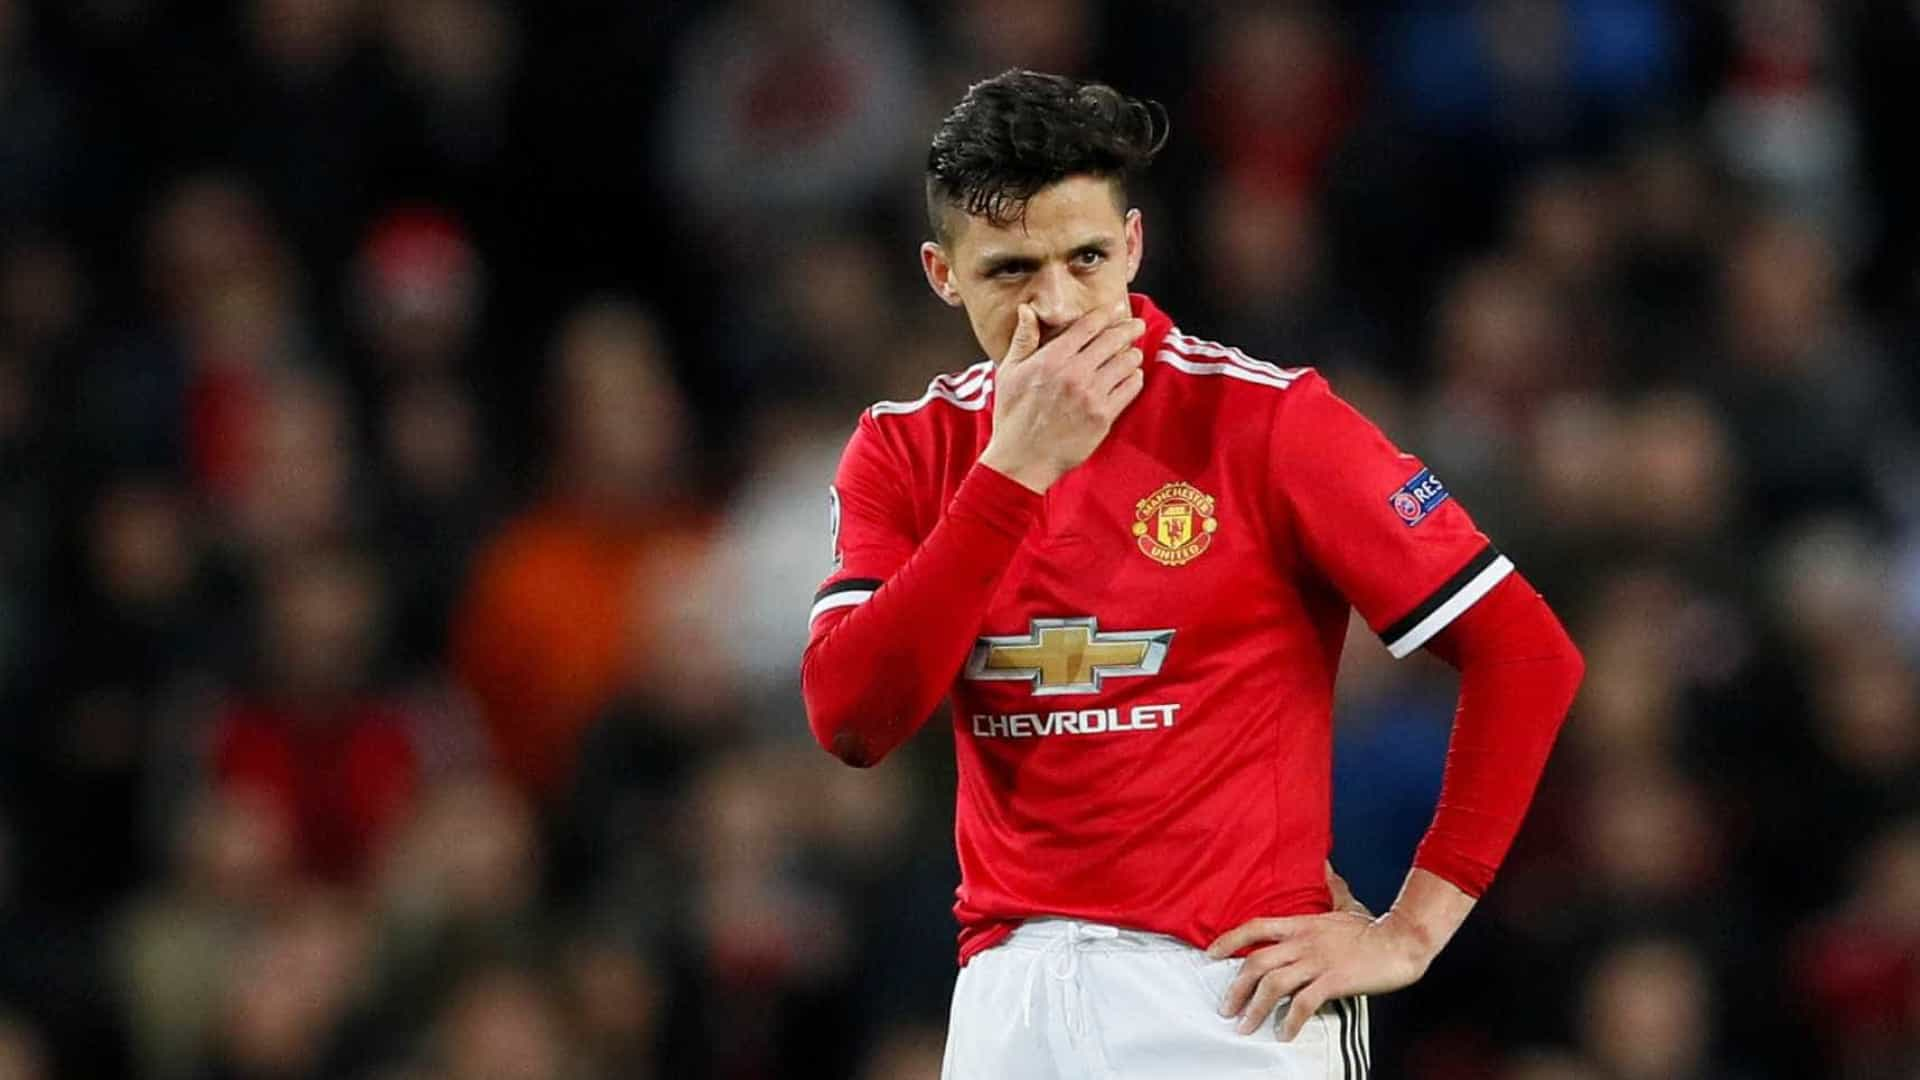 Ex-Manchester United critica Alexis Sánchez: 'Sombra do que era'